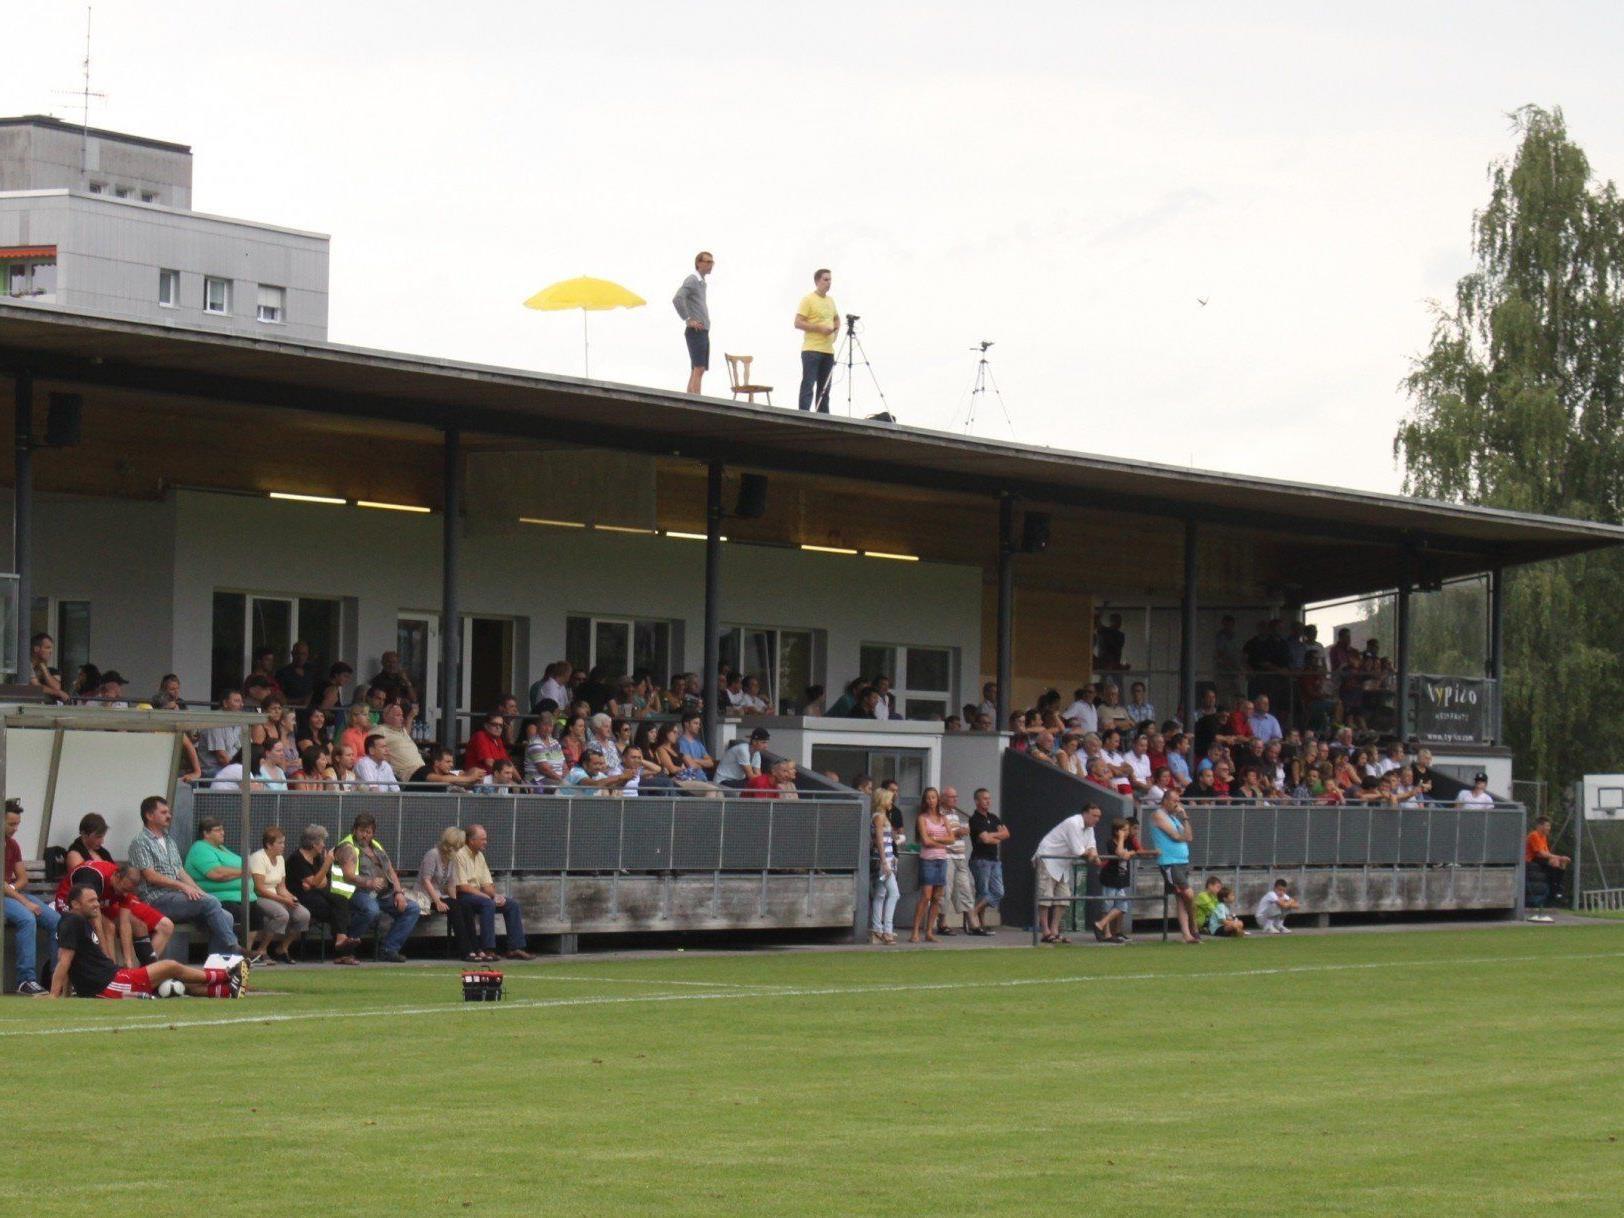 Ein volles Haus erwartet das Team des SV Typico Lochau mit Trainer Rade Plakalovic auch beim Heimspiel gegen Langenegg auf der Sportanlage Hoferfeld.